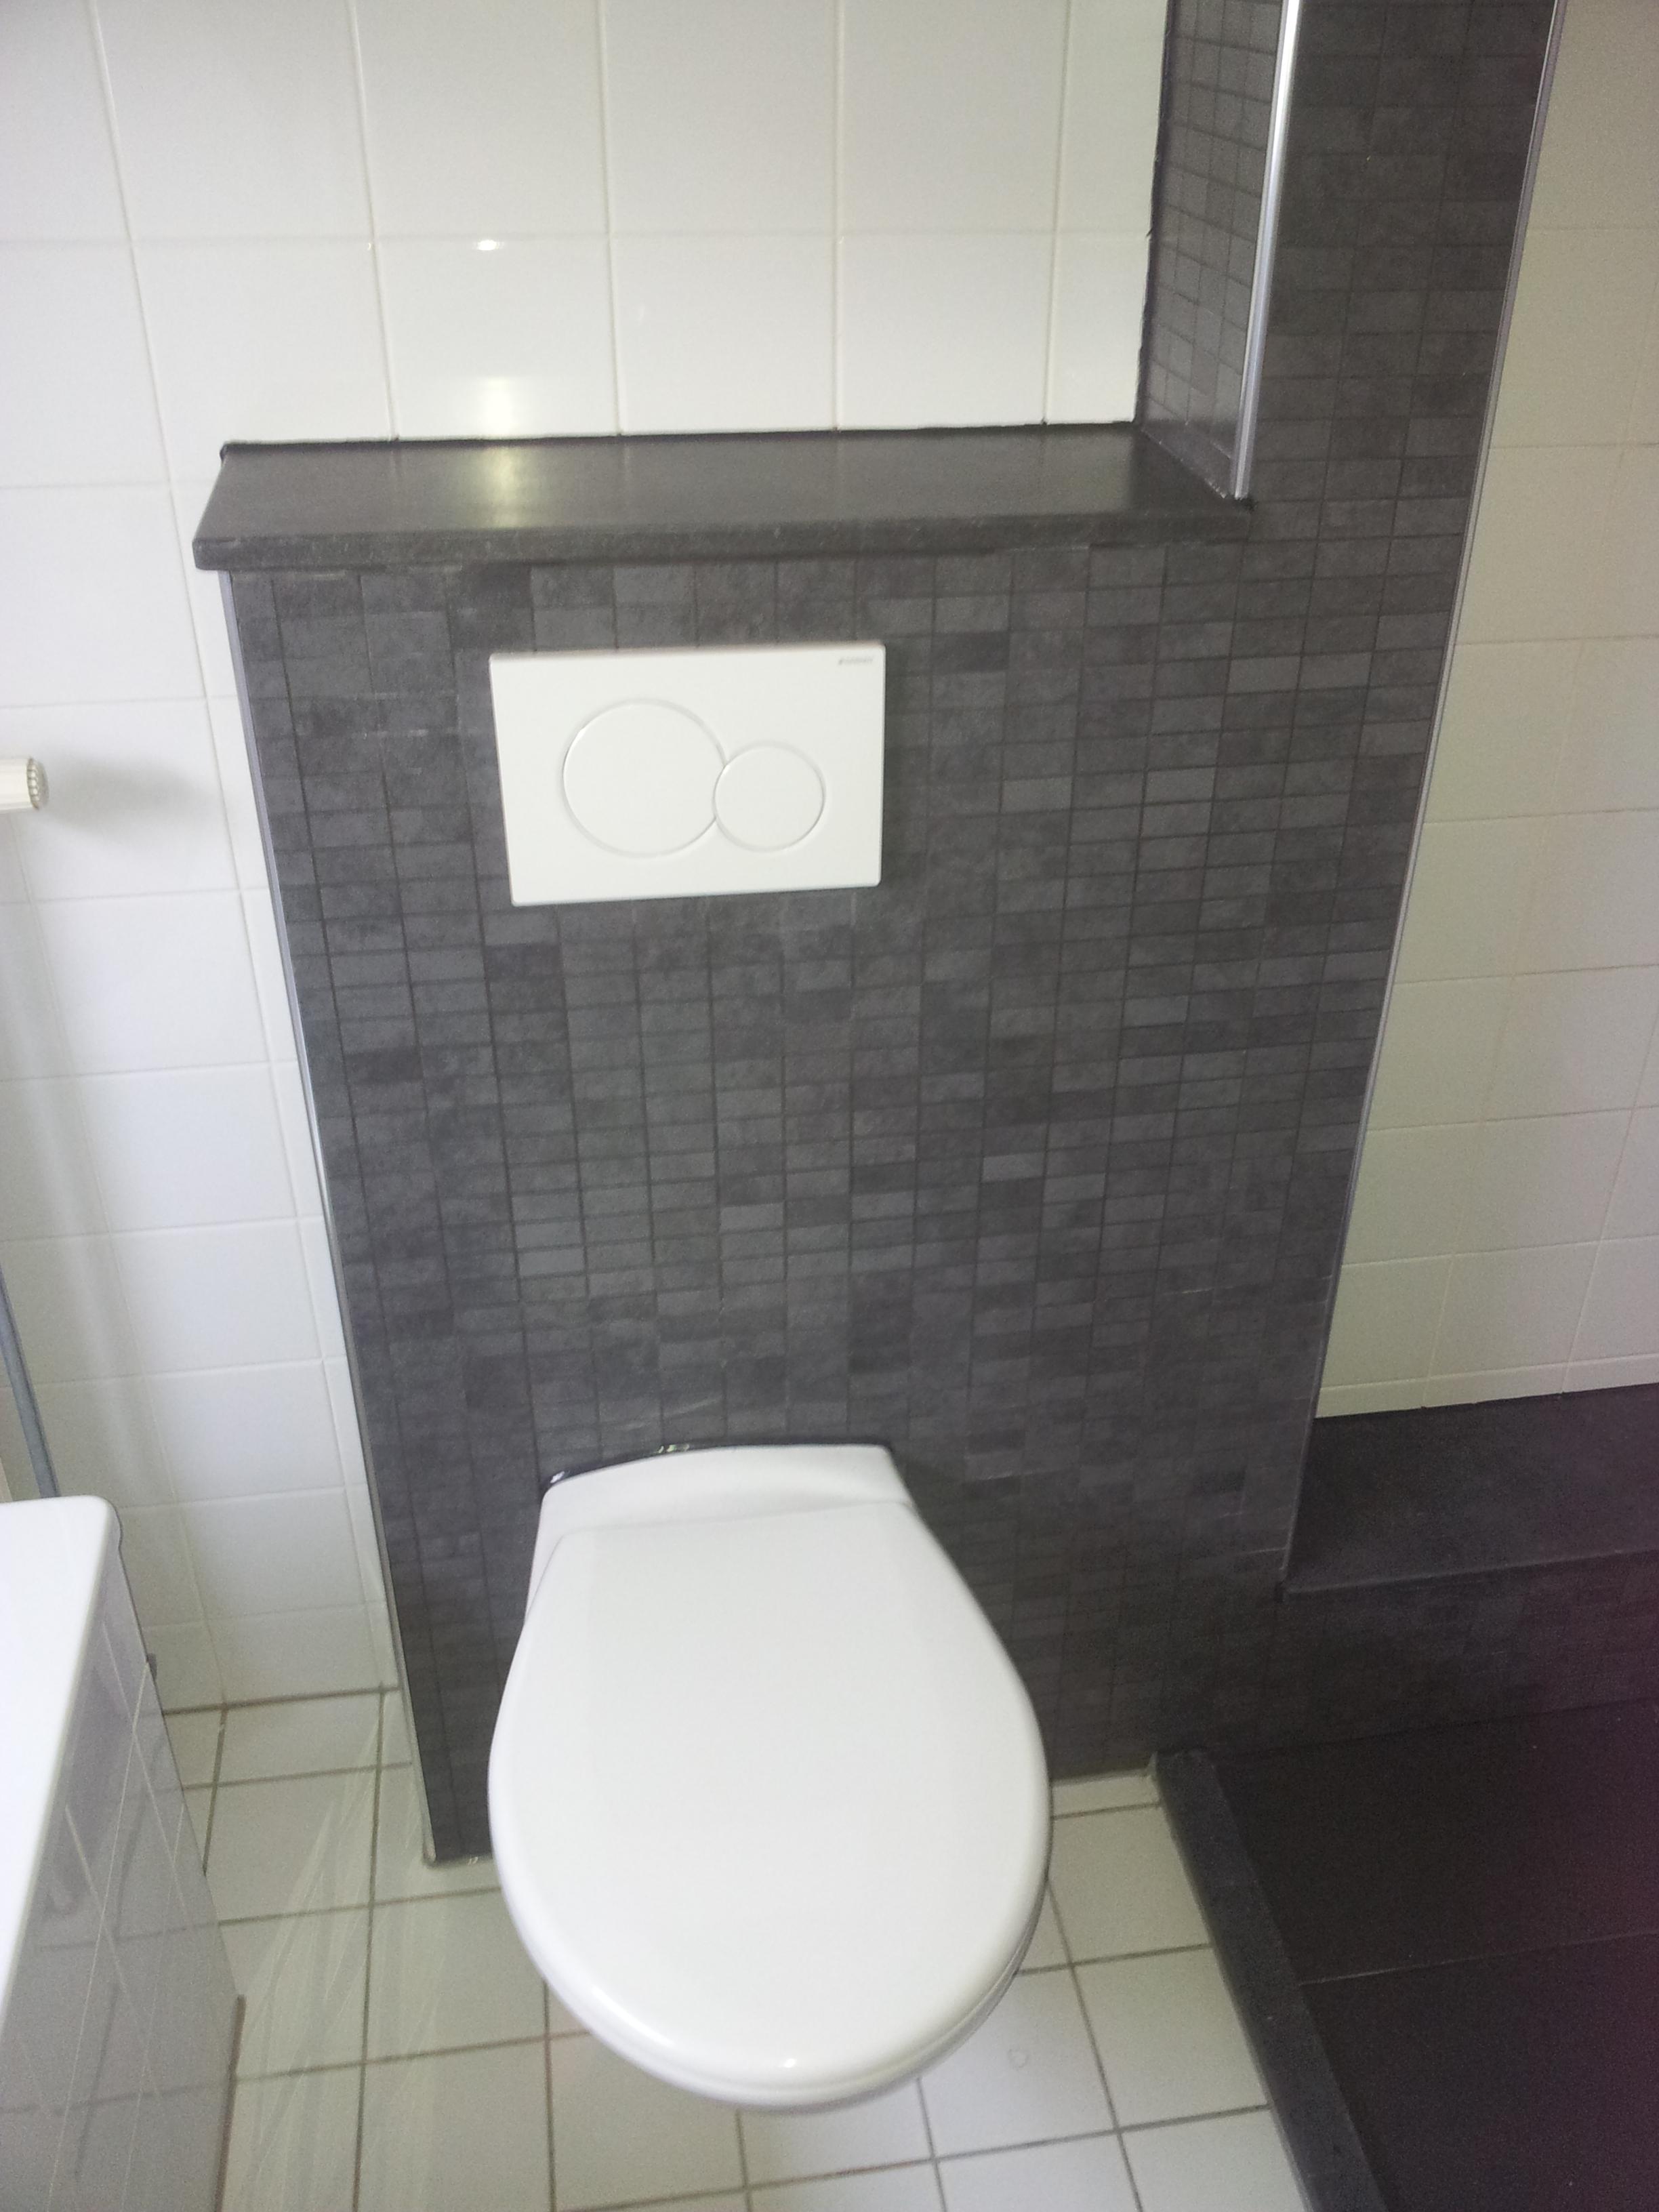 Vieze Geur In De Badkamer ~ Het maken van een nieuwe badkamer en nieuw toilet Klant wilde geen